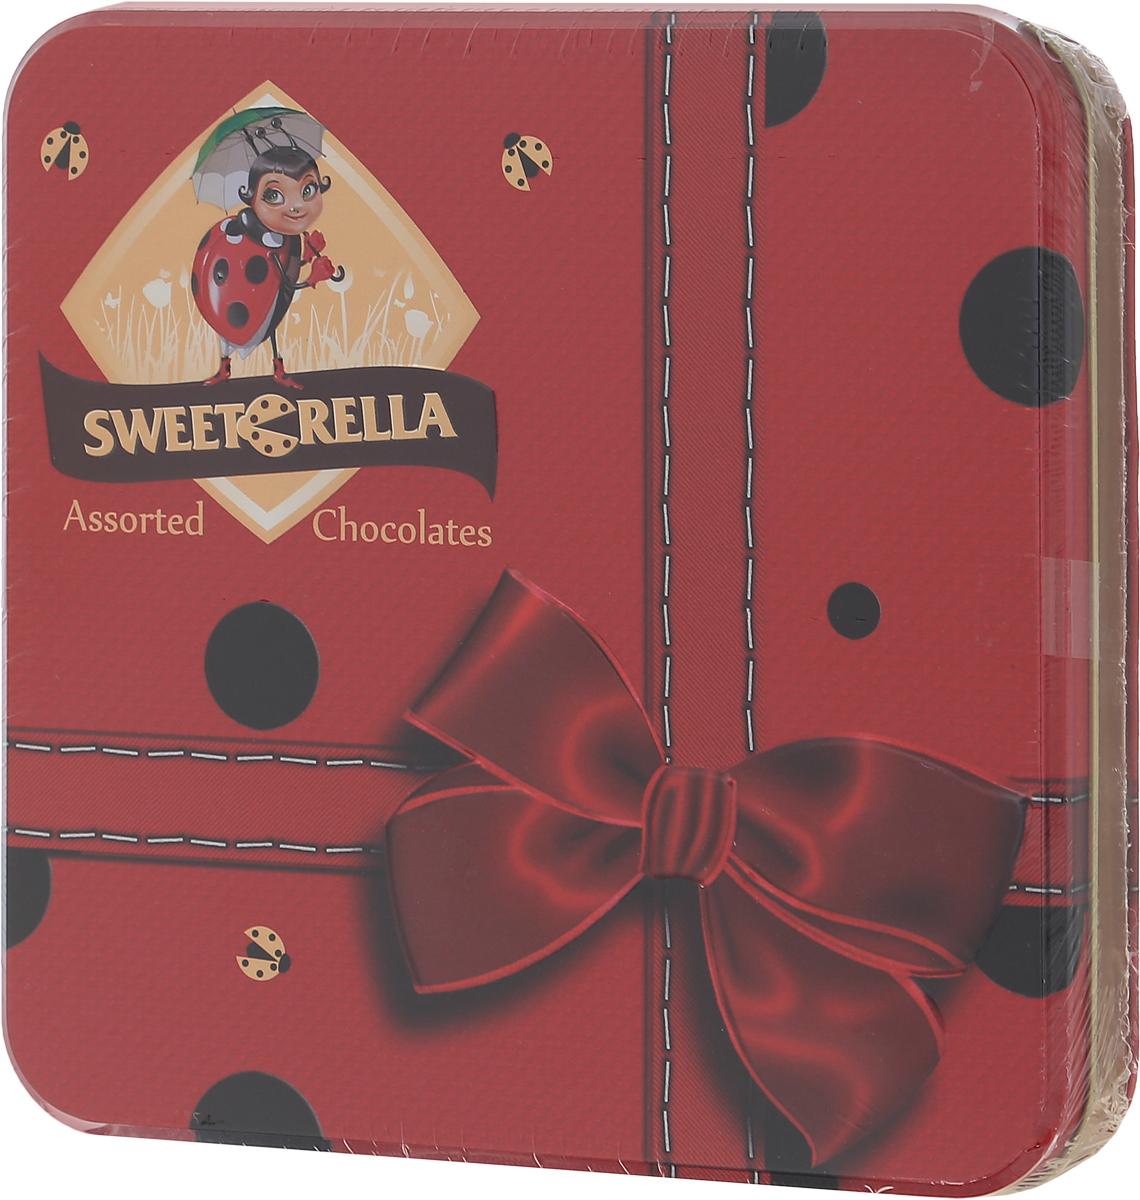 Sweeterella набор шоколадных конфет эксклюзив шоколадного ассорти, 193 г sweeterella печенье американер ассорти 400 г